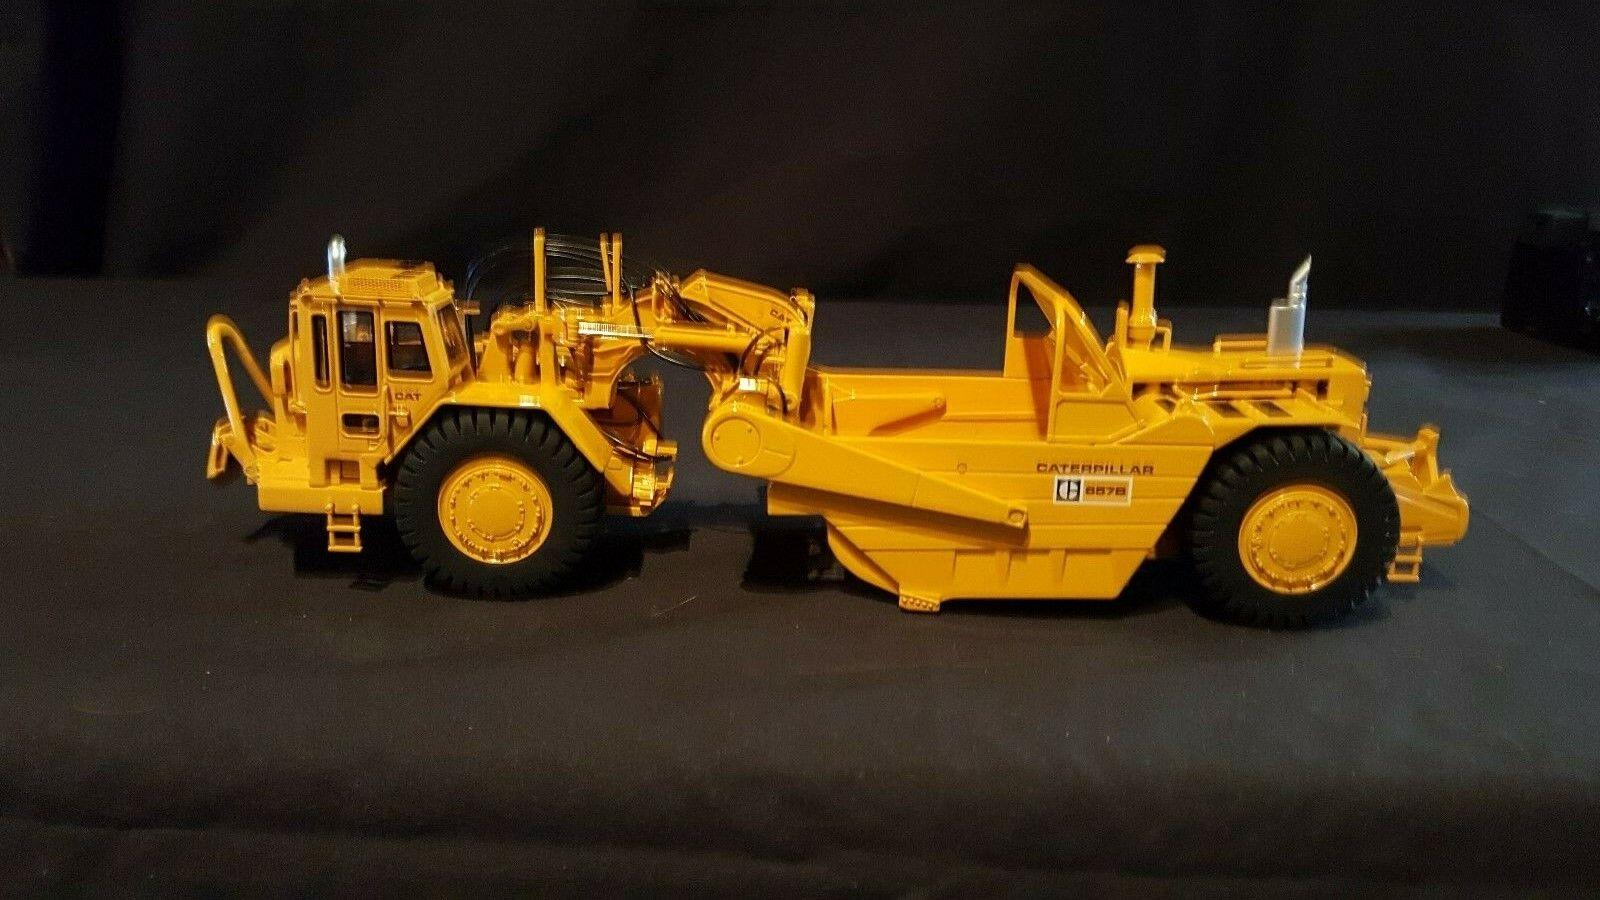 CCM Cat (Caterpillar) 657-B Wheel Tractor Scraper in 1 48